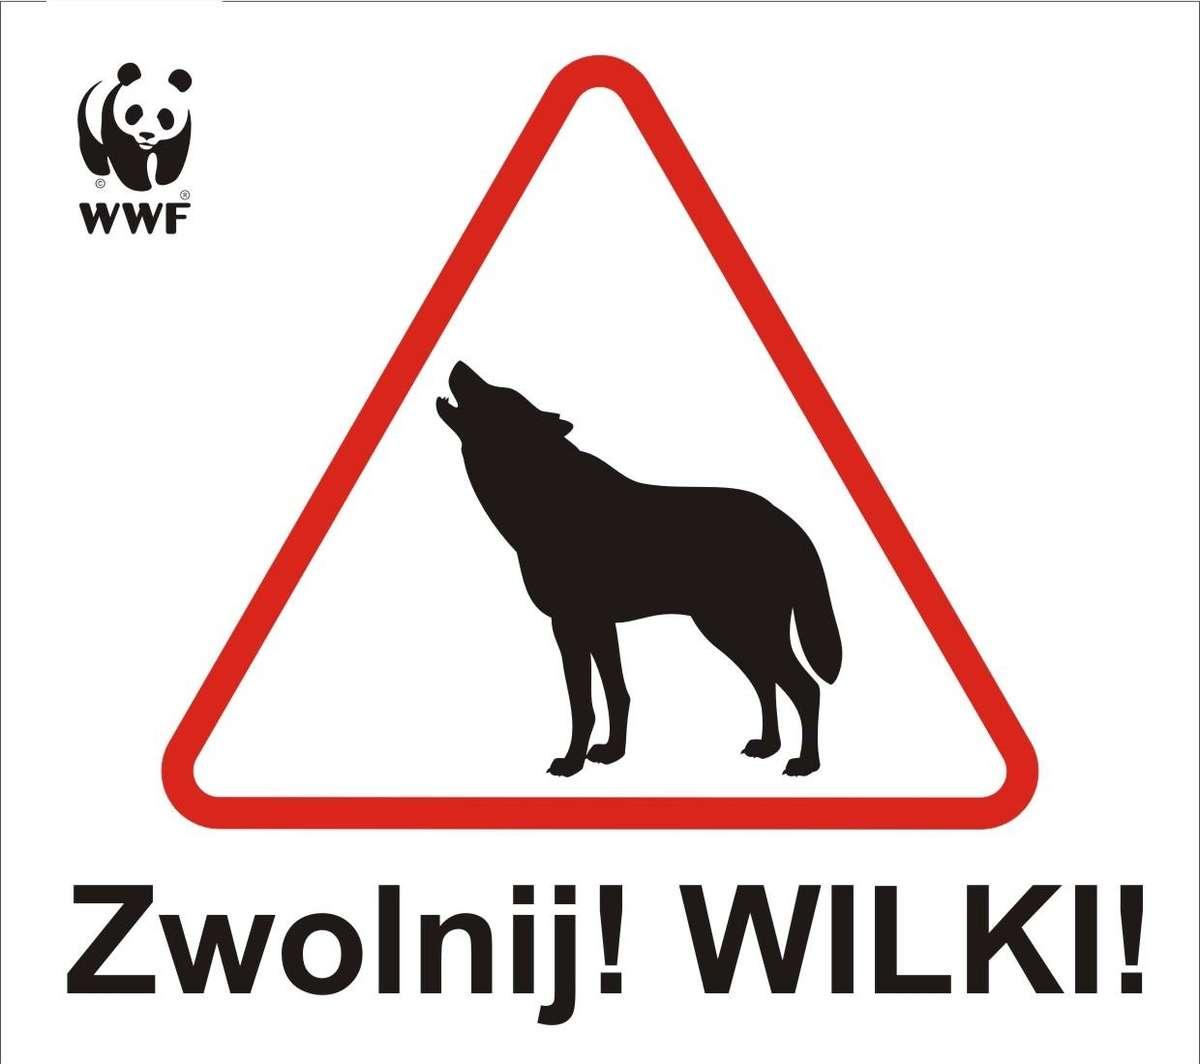 Kierowco zwolnij! Wilki! Nowy znak ostrzegawczy - full image